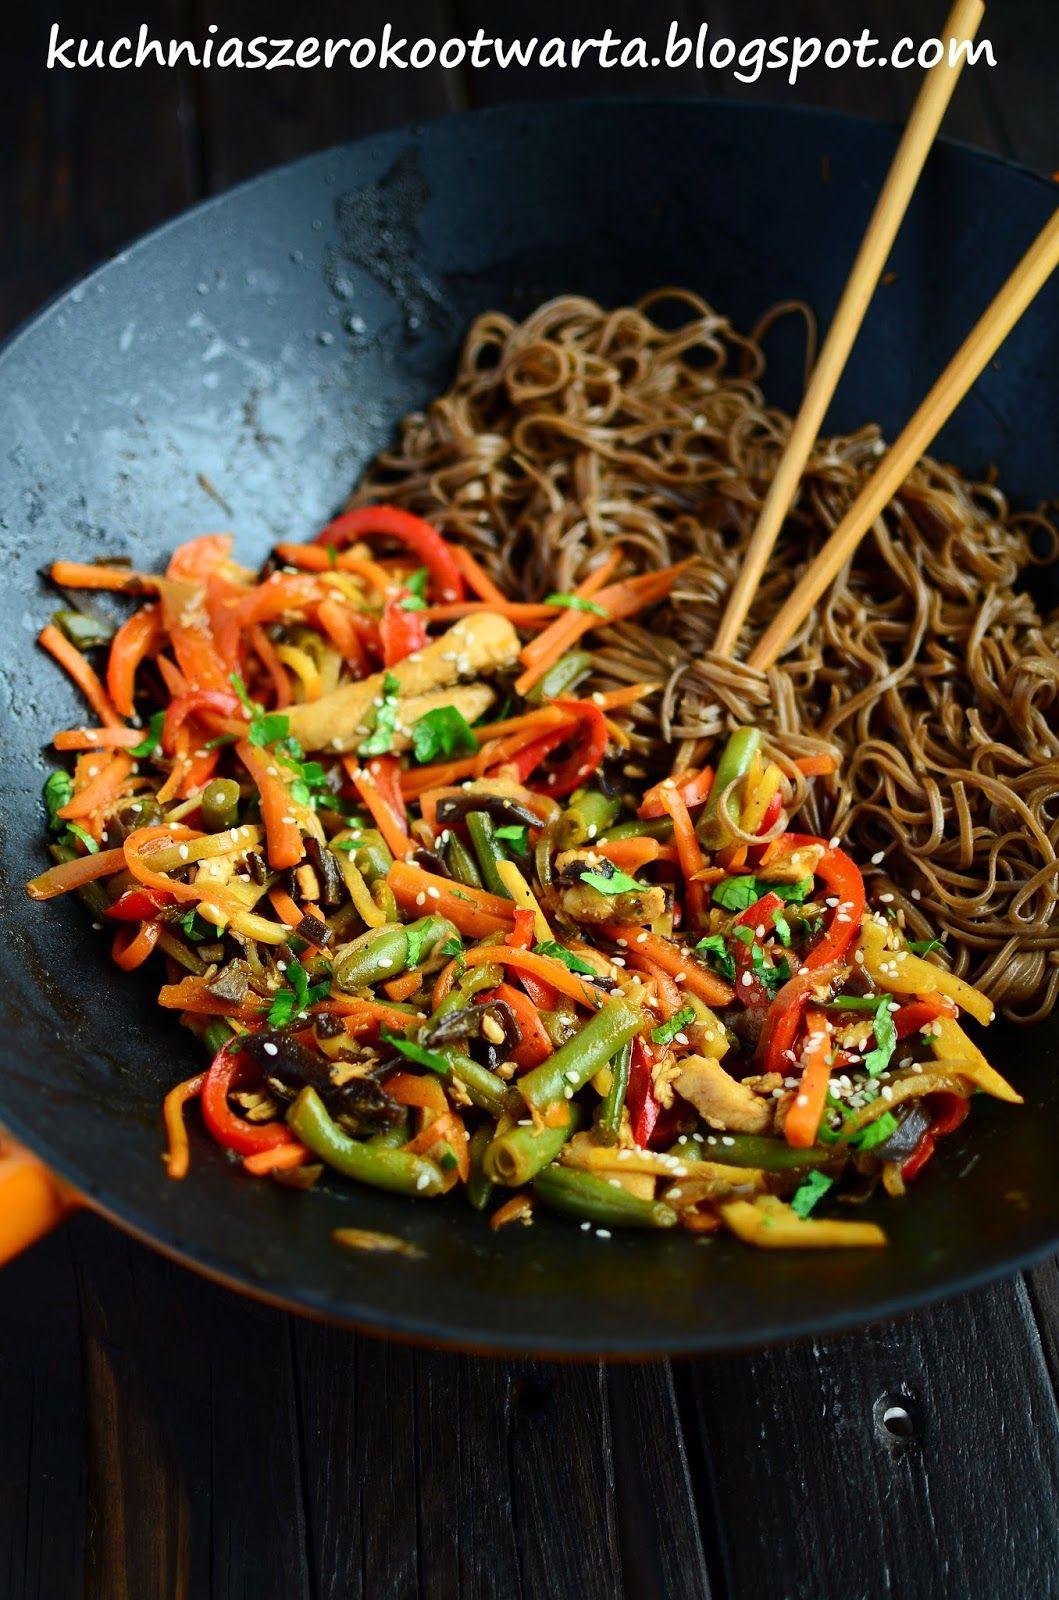 Chinskie Z Makaronem Soba Food And Drink Food Eat